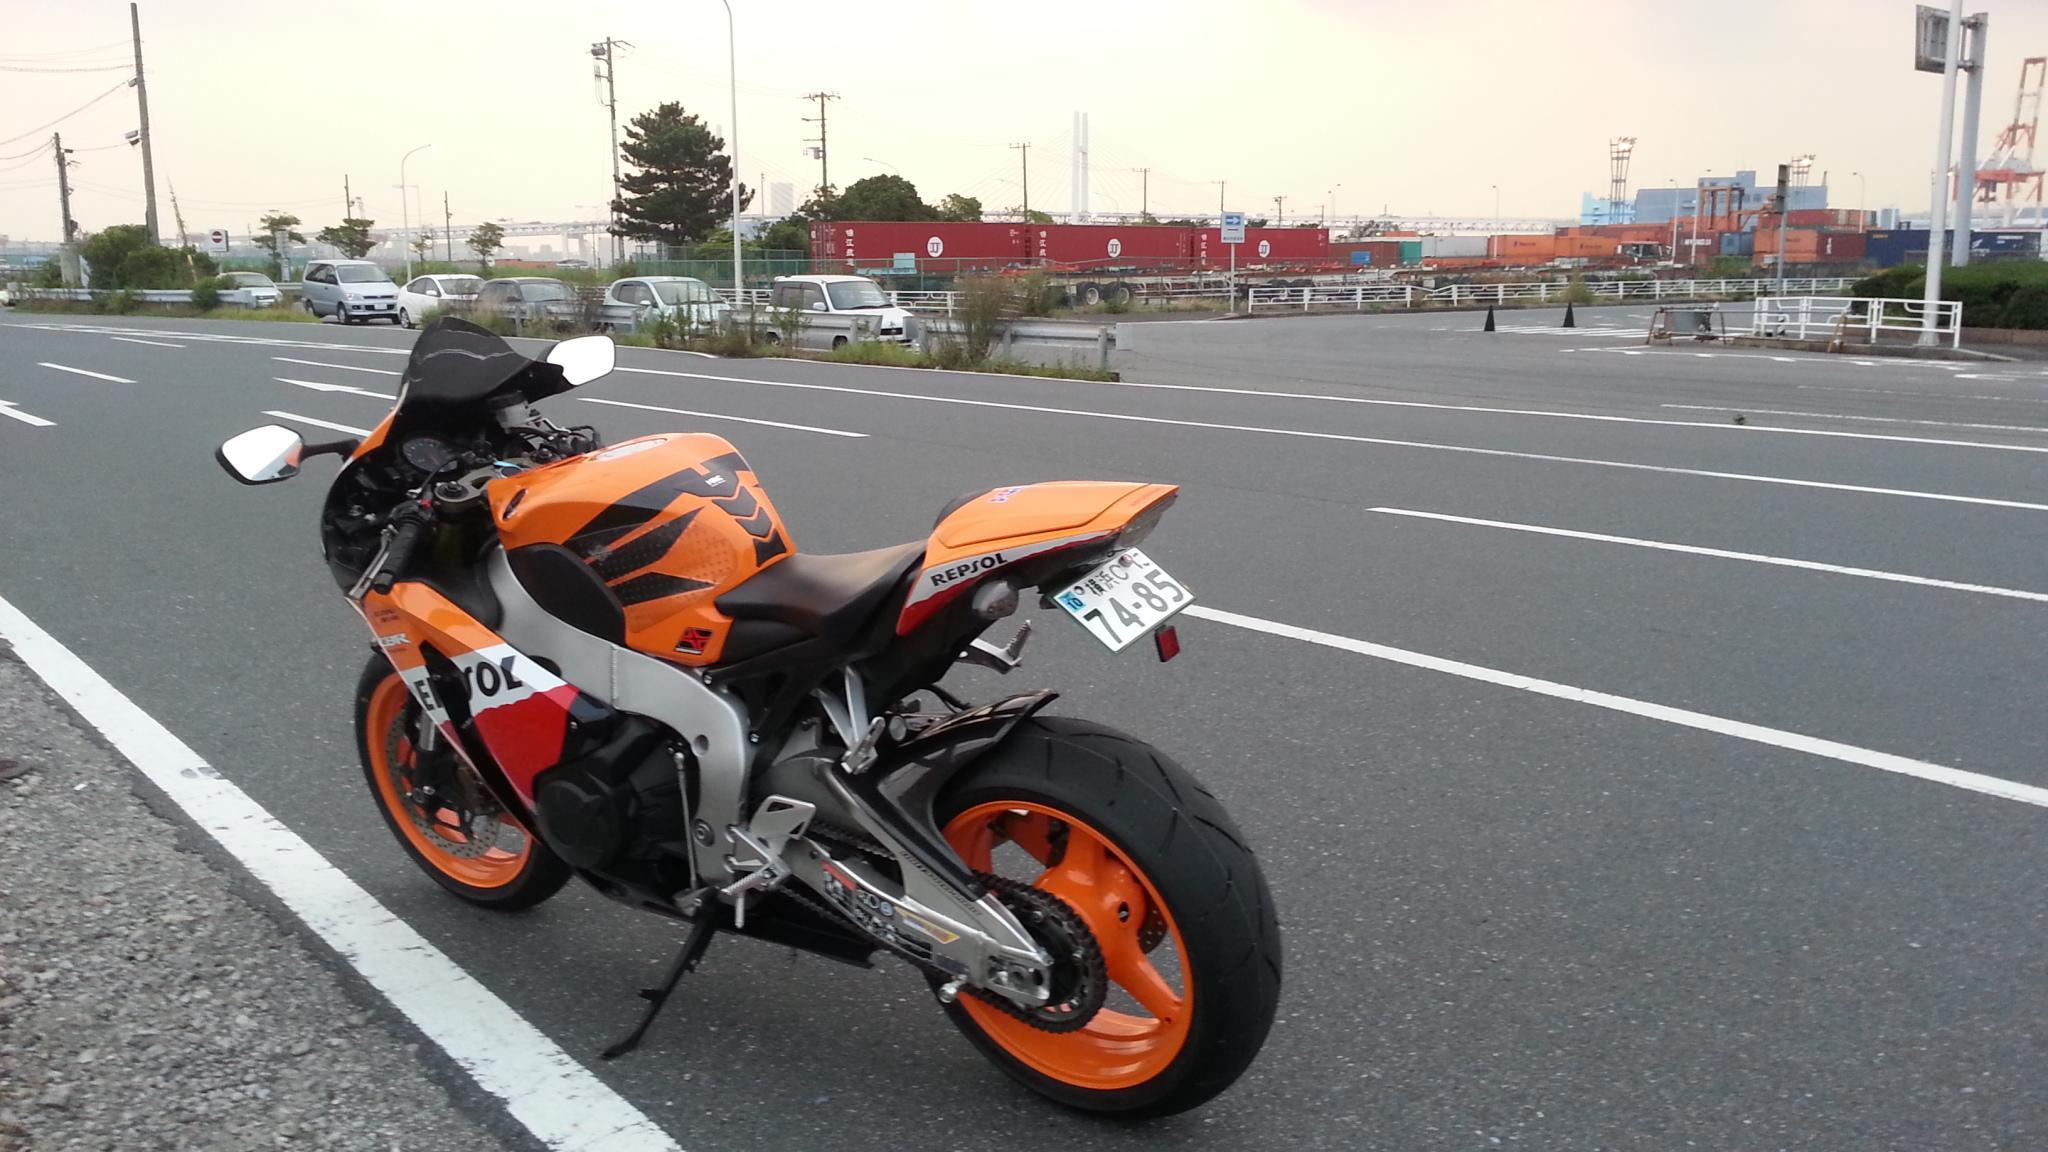 バイクでヒザをすれるようになるには  -こんにちは。私はスーフォア- 輸入バイク | 教えて!goo